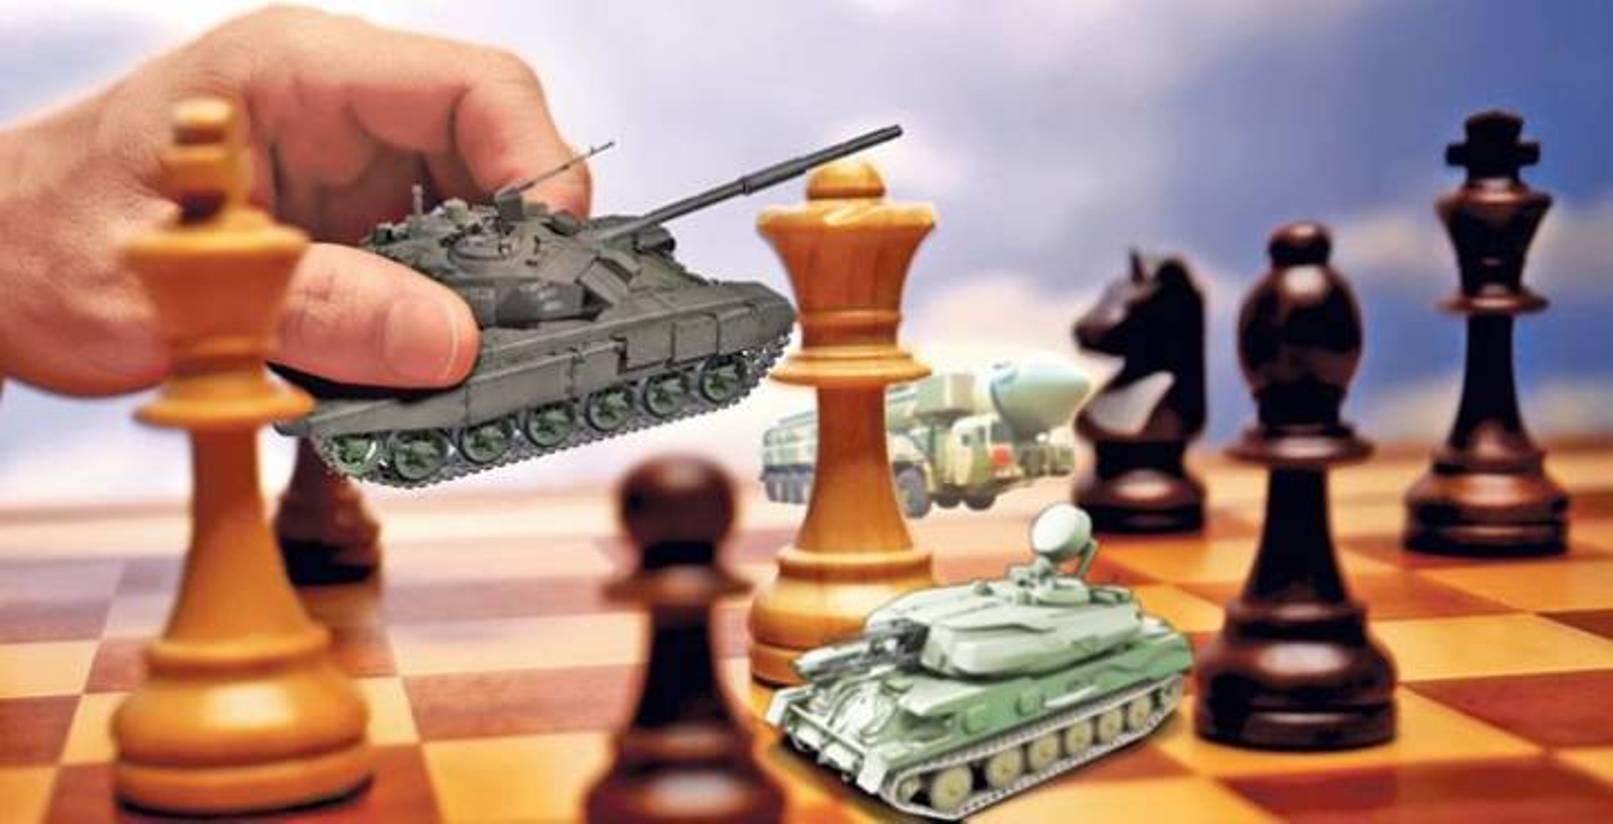 Запад vs Россия. Геополитические шахматы и место Украины в глобальной игре сверхдержав